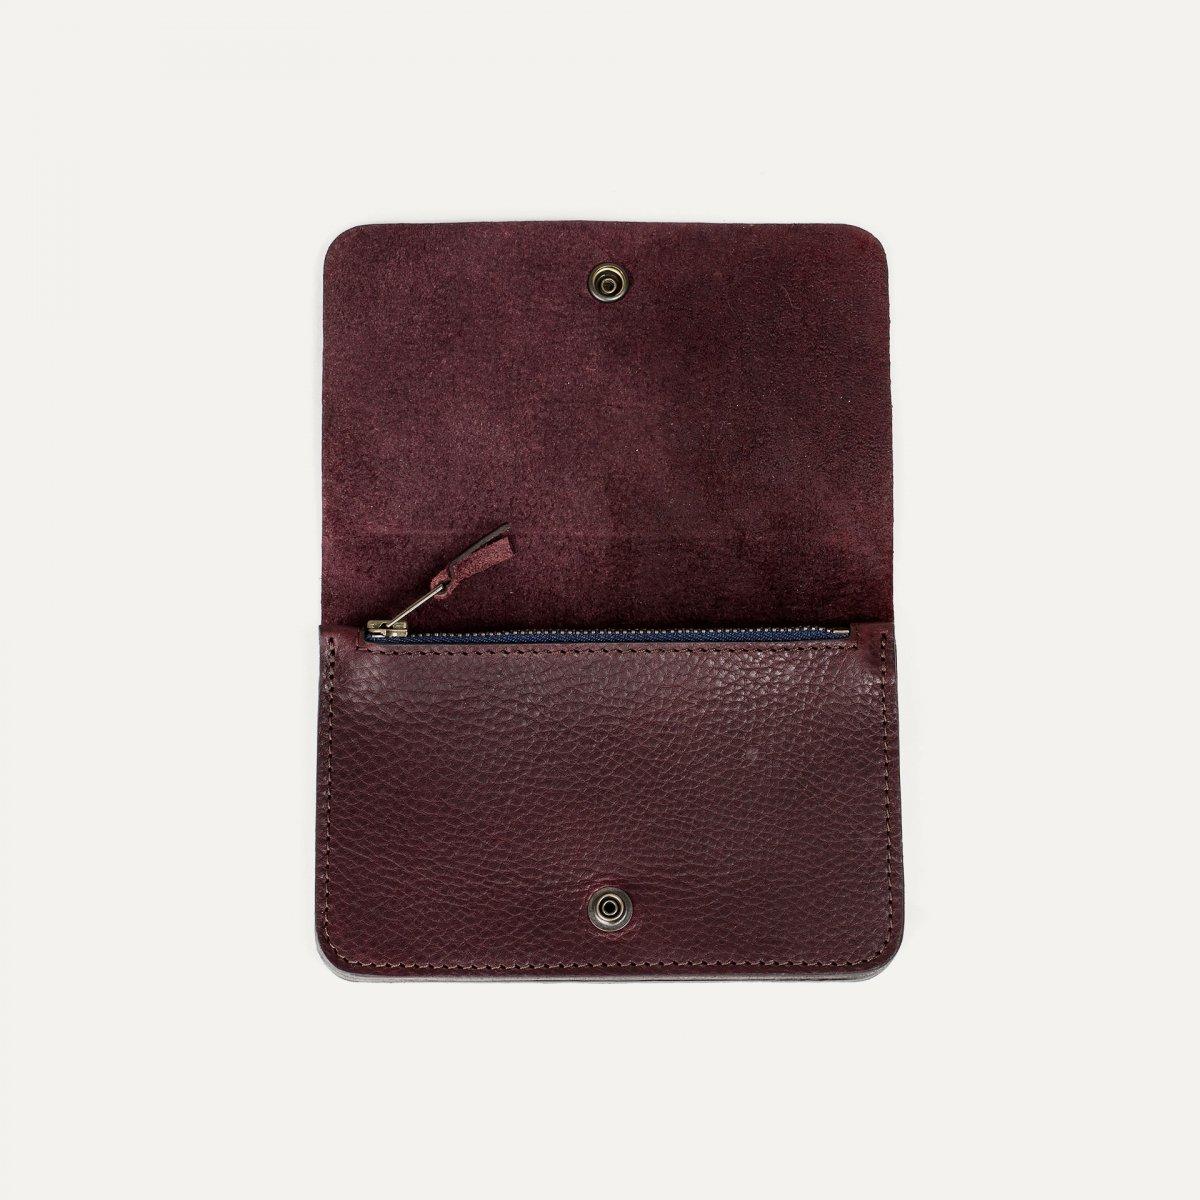 Grisbi wallet - Peat (image n°3)